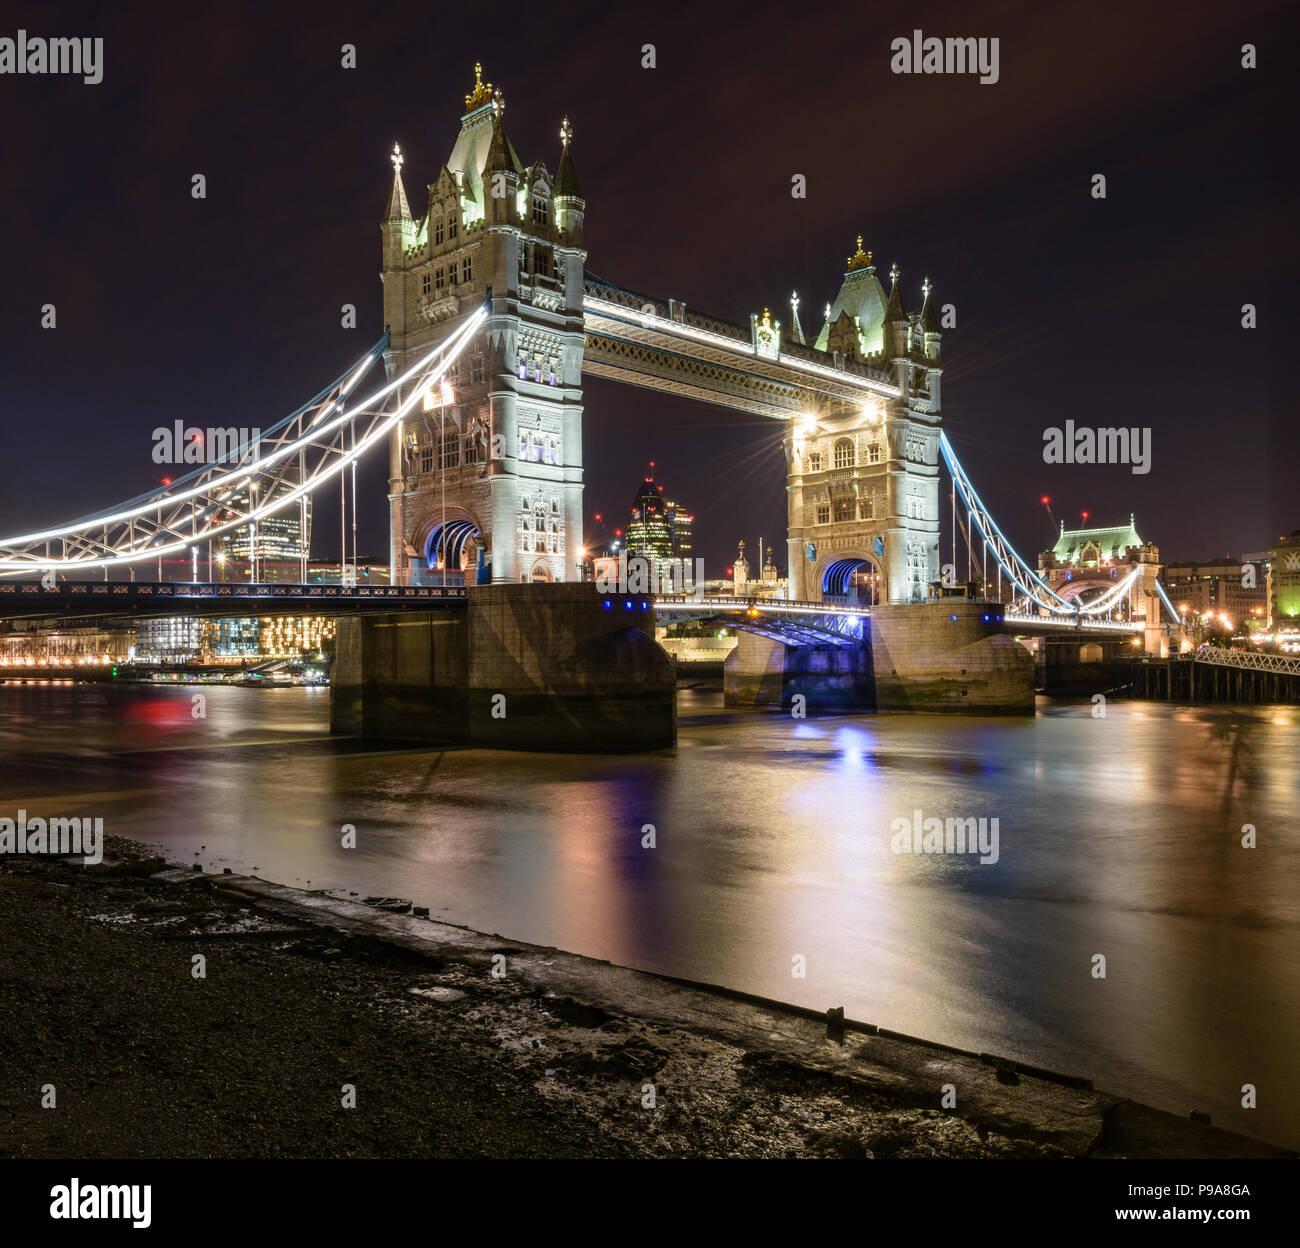 Vue sur le Tower Bridge éclairés la nuit sur les rives de la Tamise, Londres, avec le Gherkin dans la distance Photo Stock